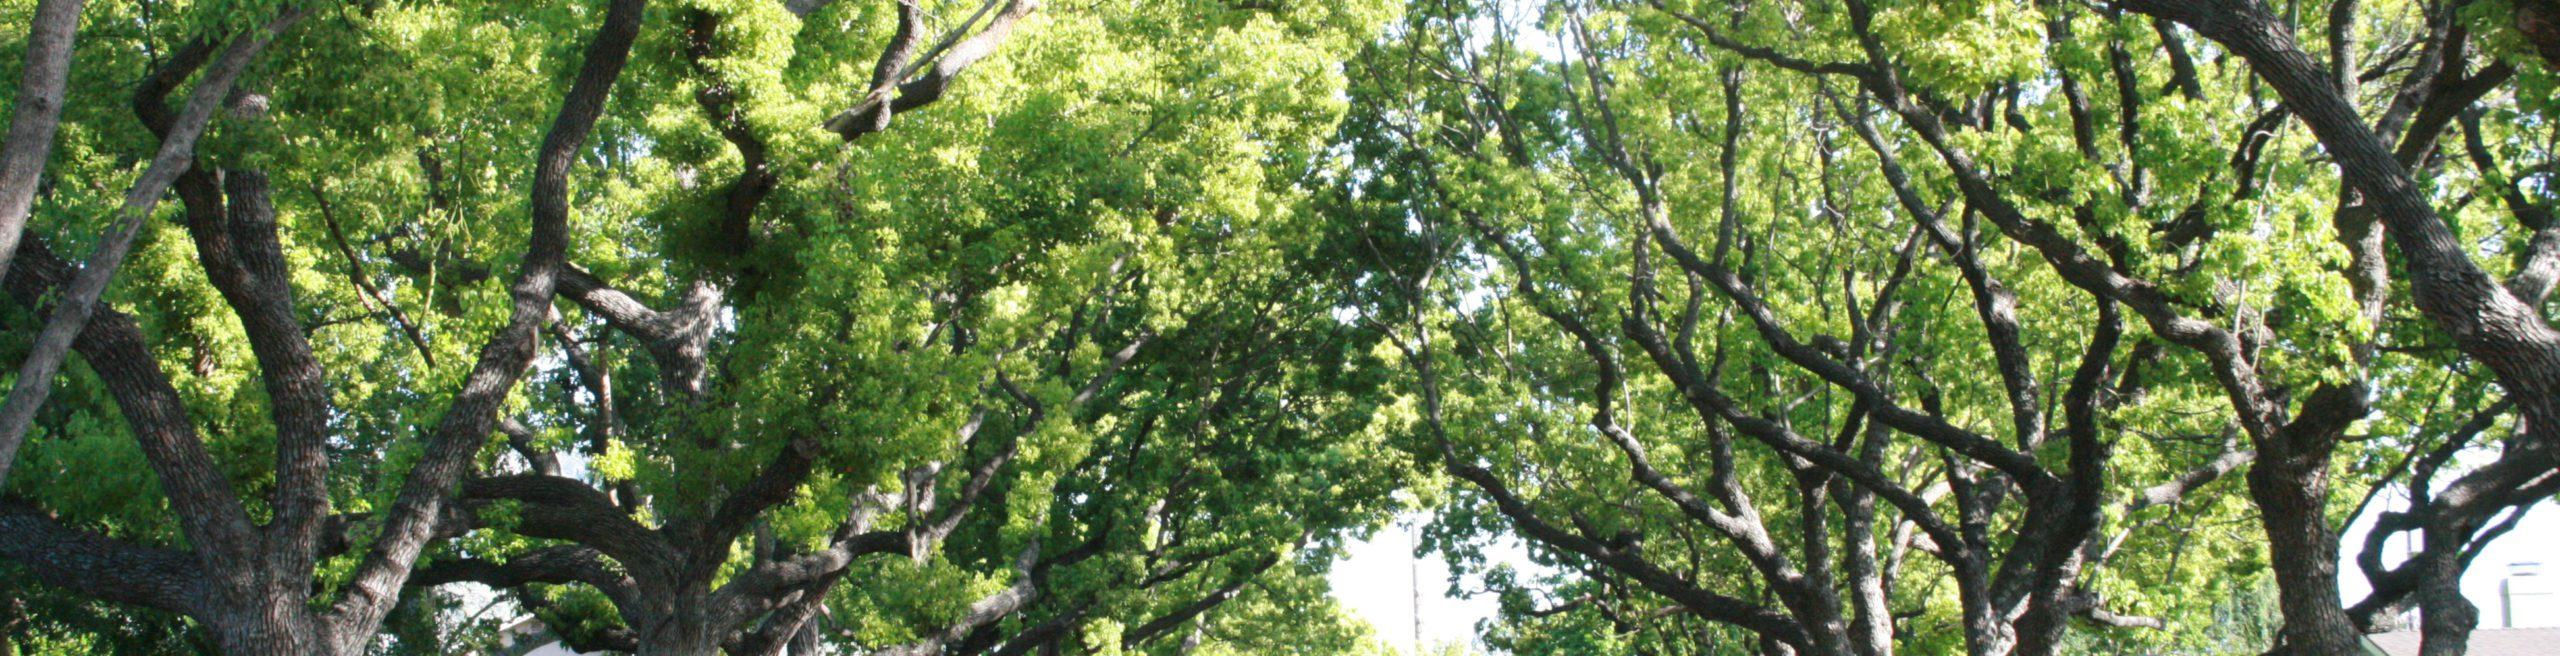 trees_bg_3800x1000_v3